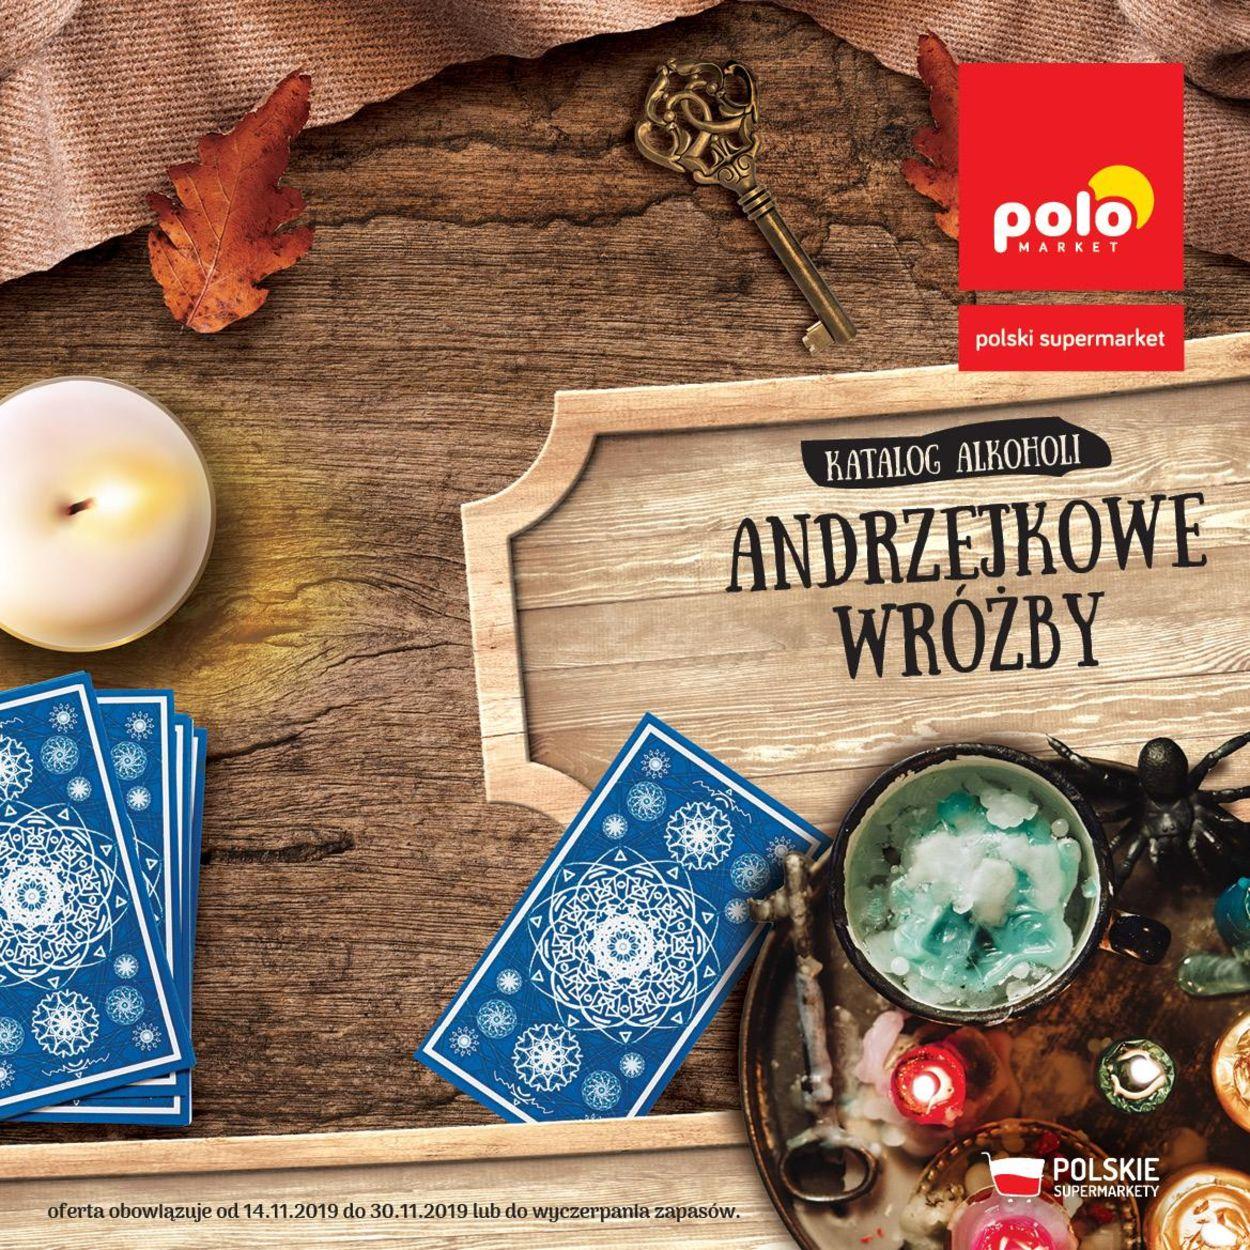 Gazetka promocyjna Polomarket - Gazetka Andrzejkowa 2019 - 14.11-30.11.2019